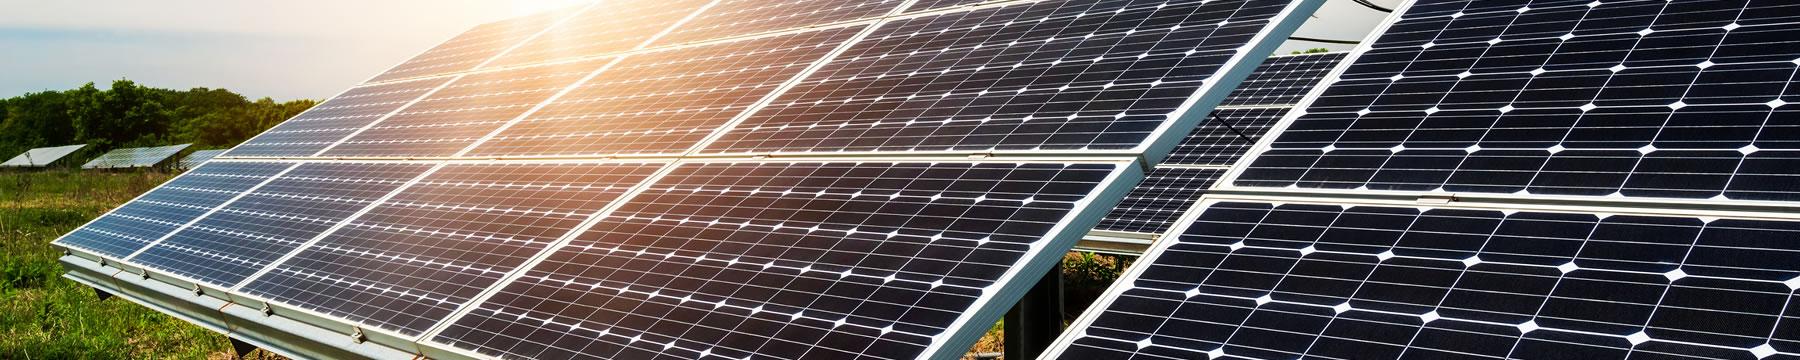 Banner of Renewable Energy